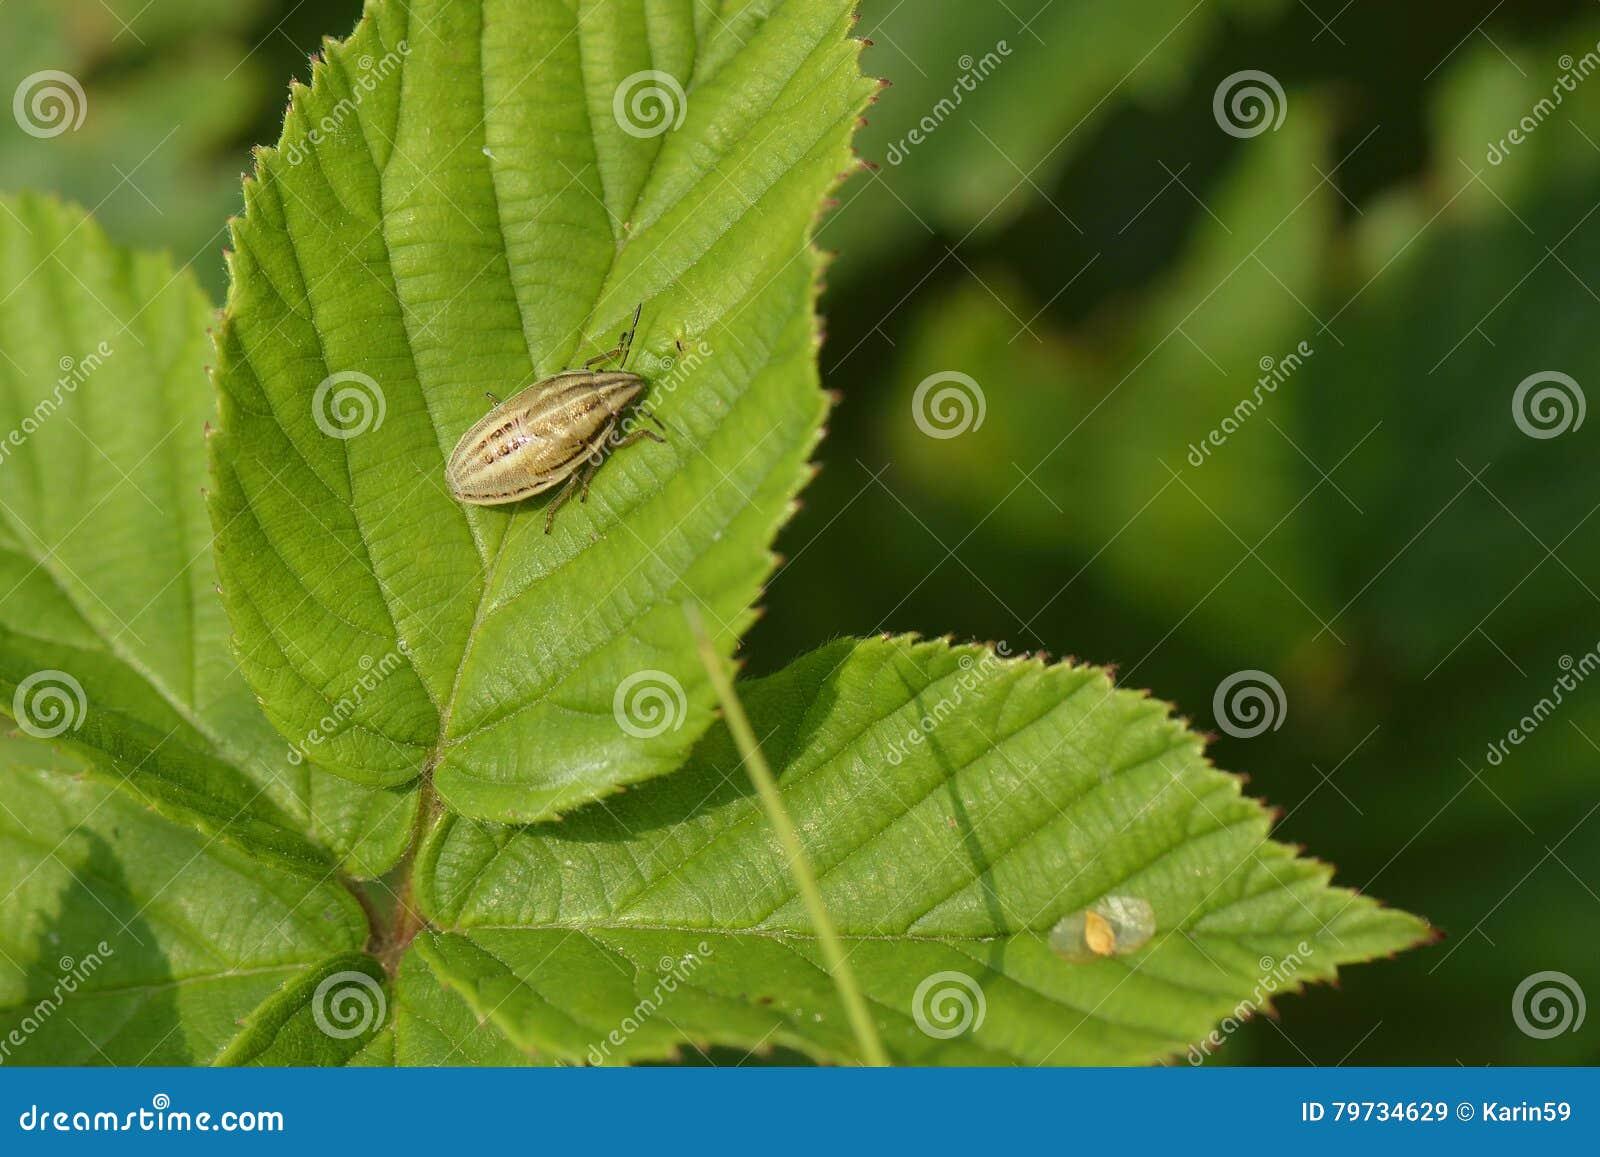 Inglete Shieldbug de los obispos